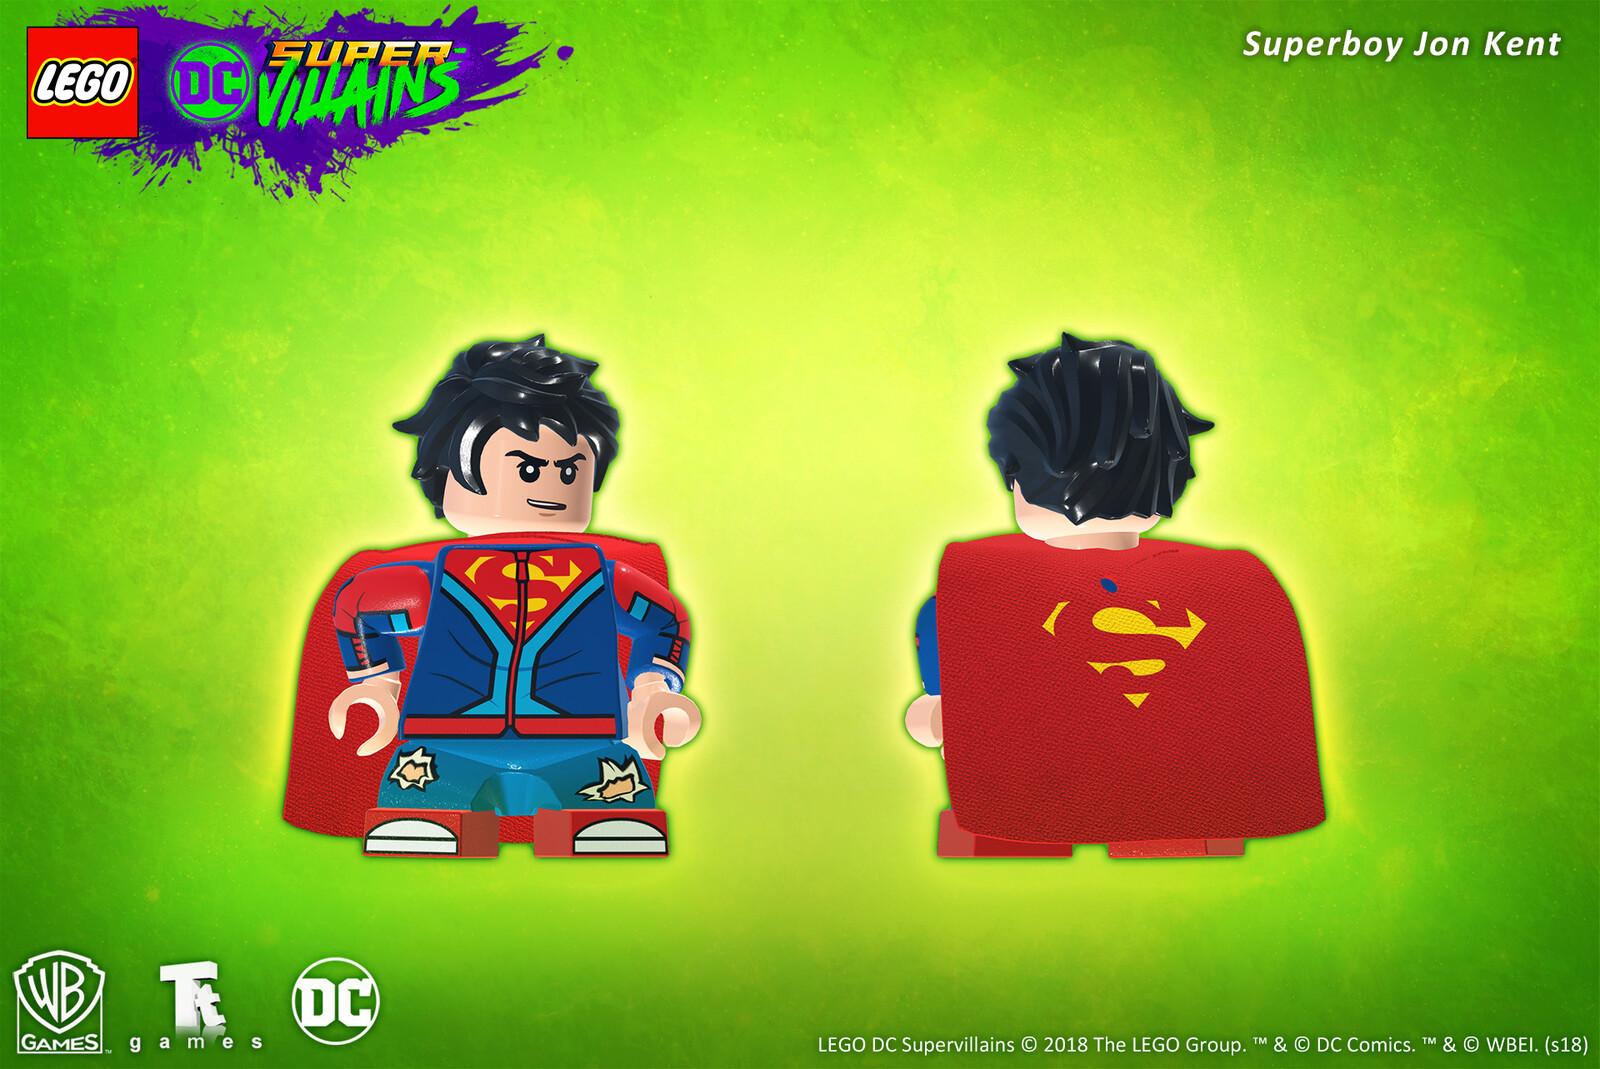 Superboy Jon Kent